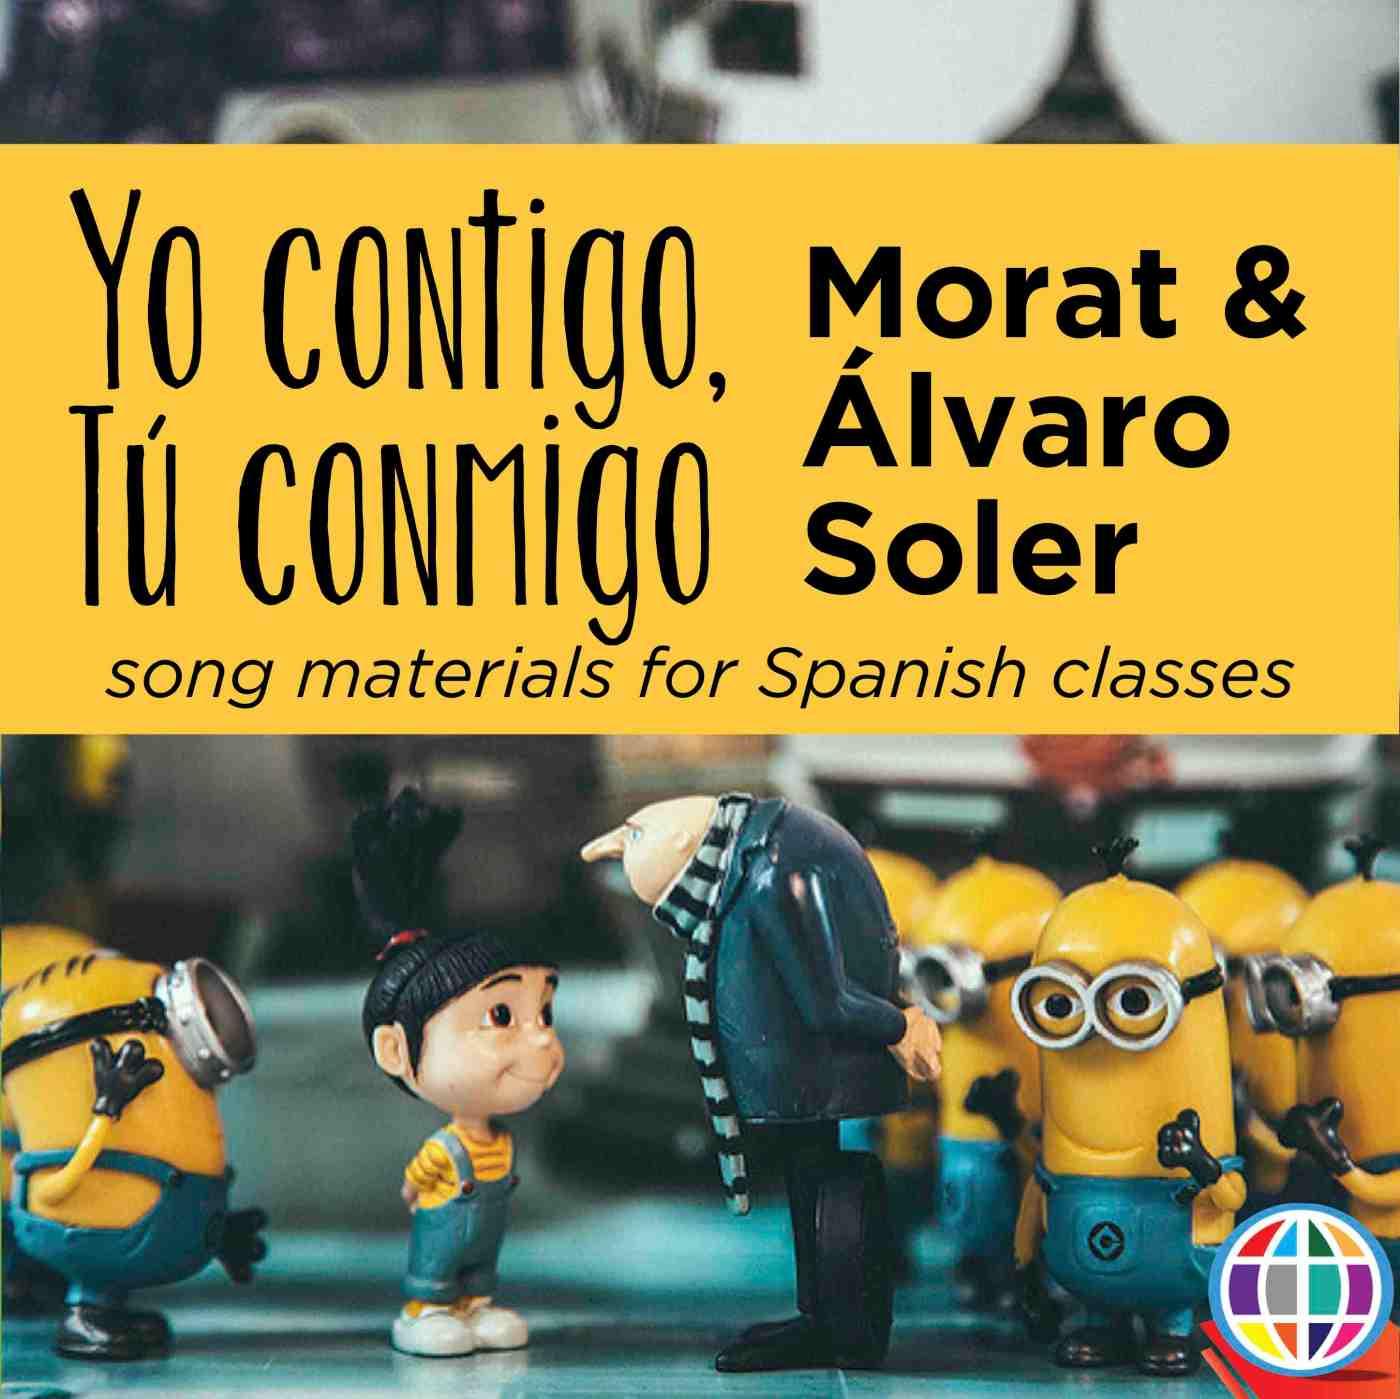 Yo contigo tú conmigo song activities for Spanish classes